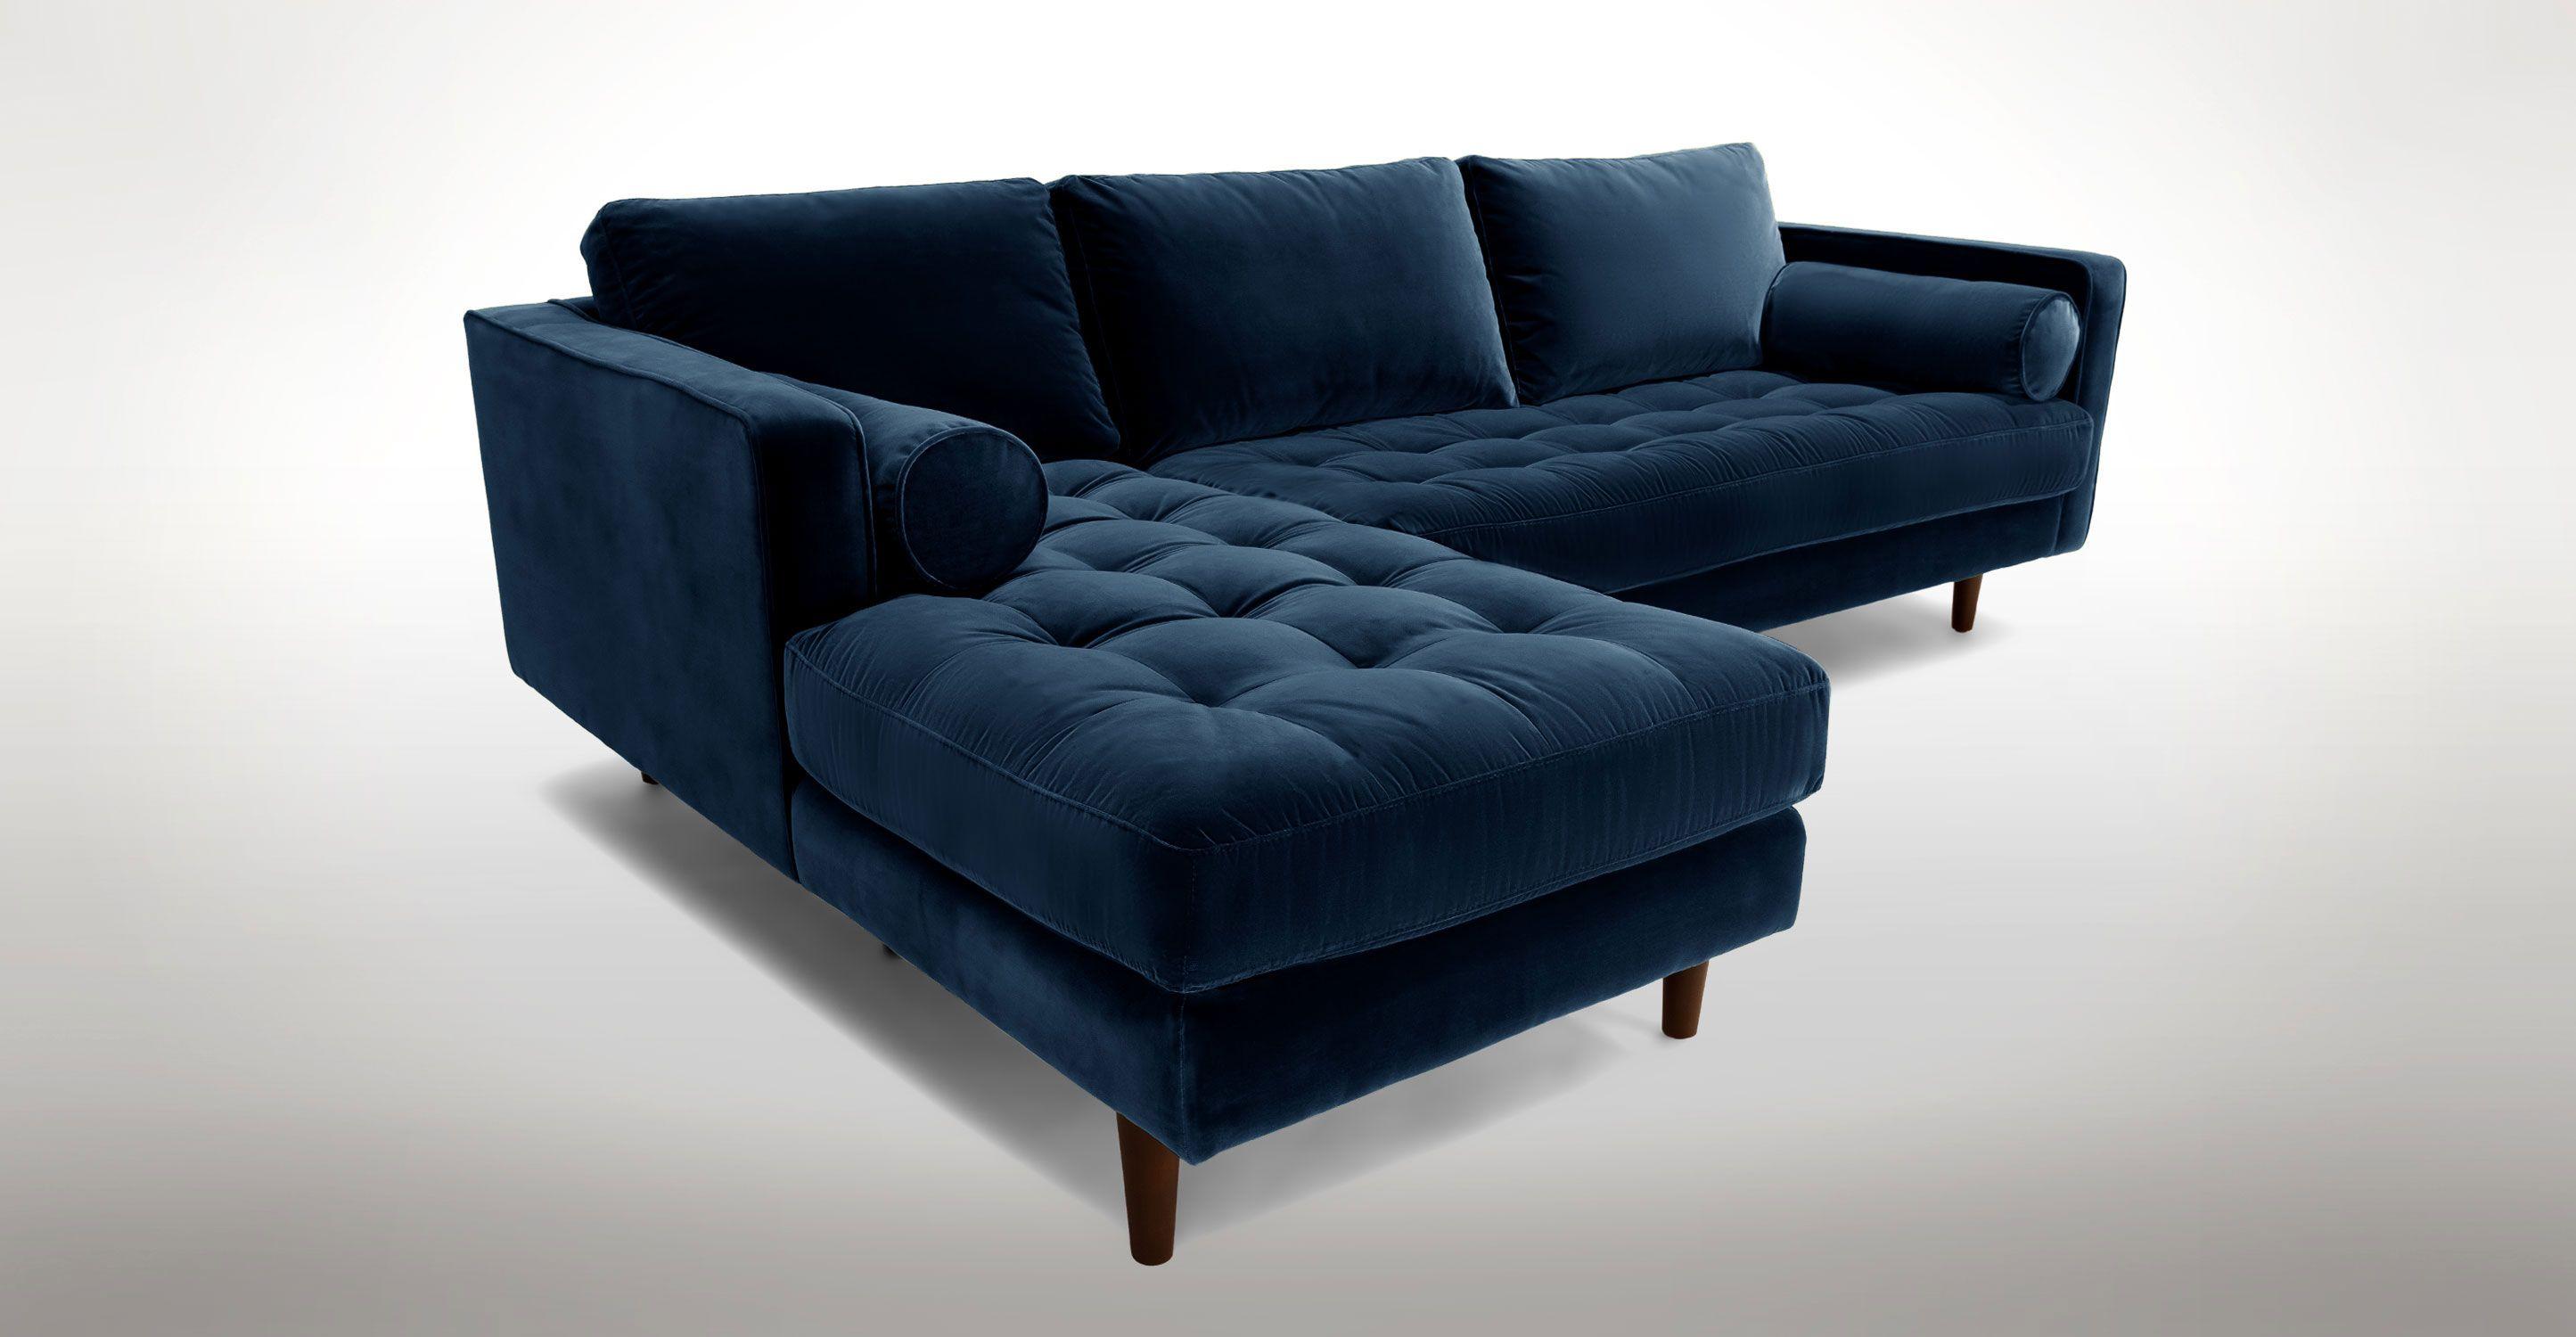 Sven Cascadia Blue Left Sectional Sofa